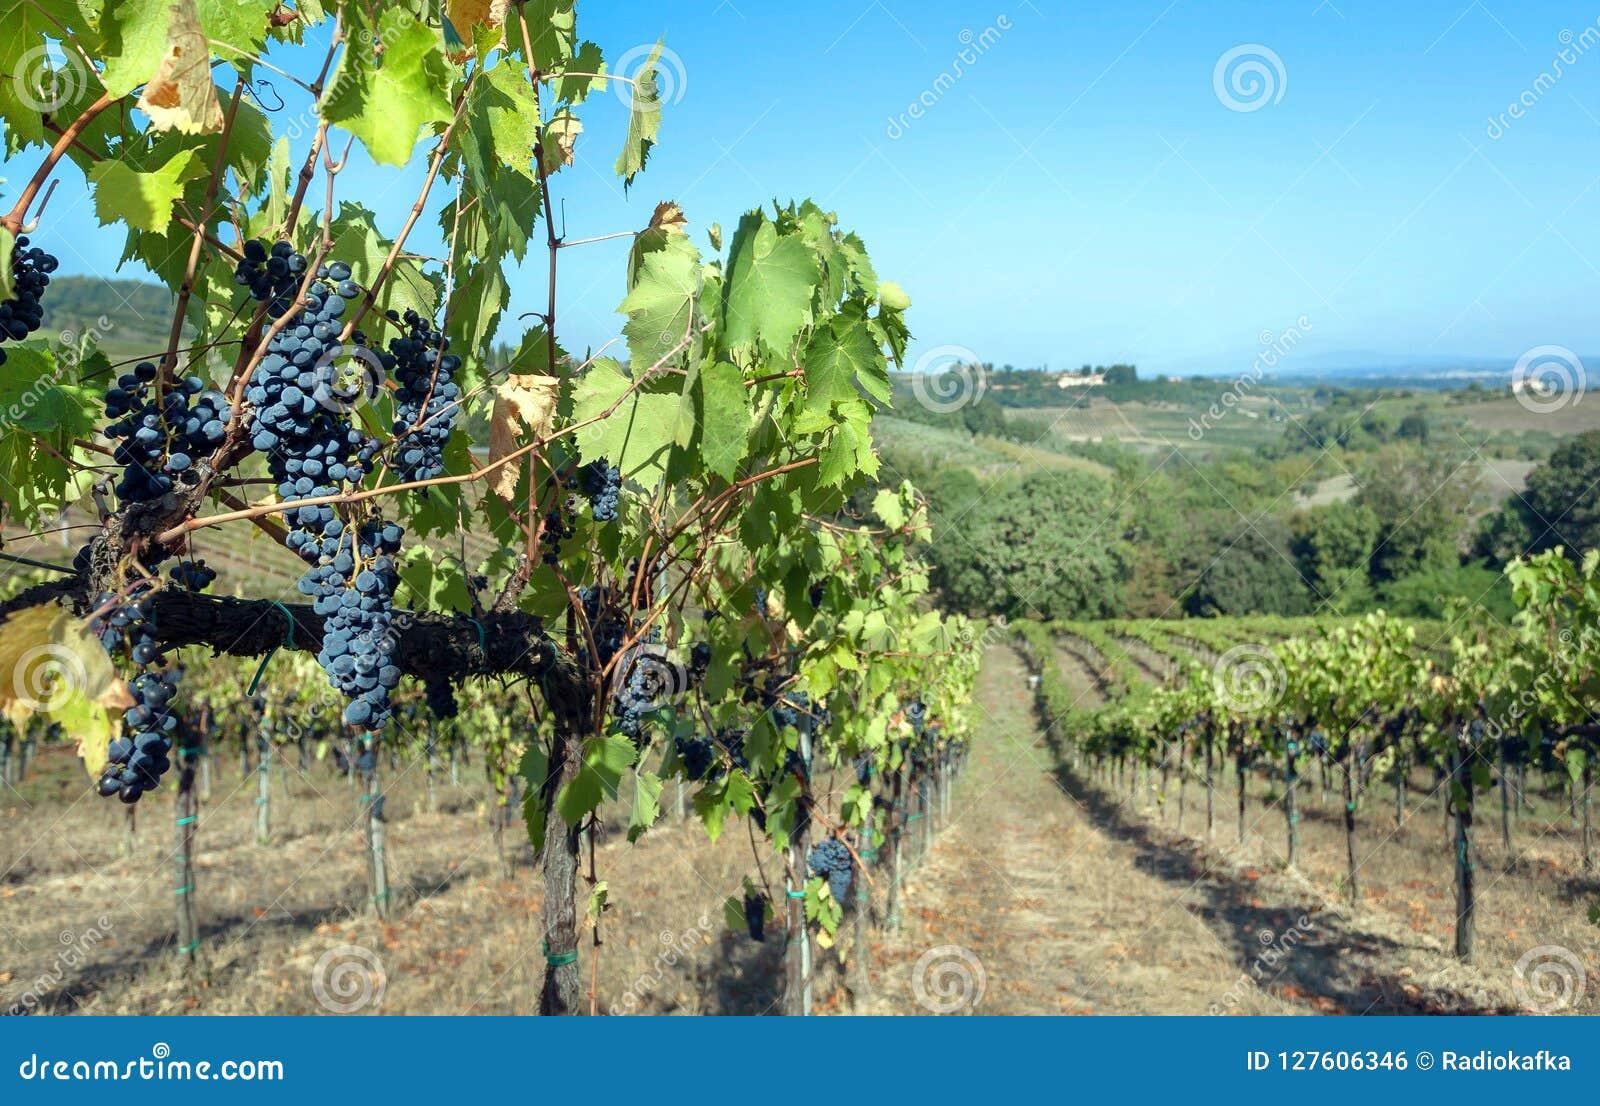 Vid azul en wineyard Paisaje colorido del viñedo en Italia El viñedo rema en Toscana en tiempo de cosecha del otoño